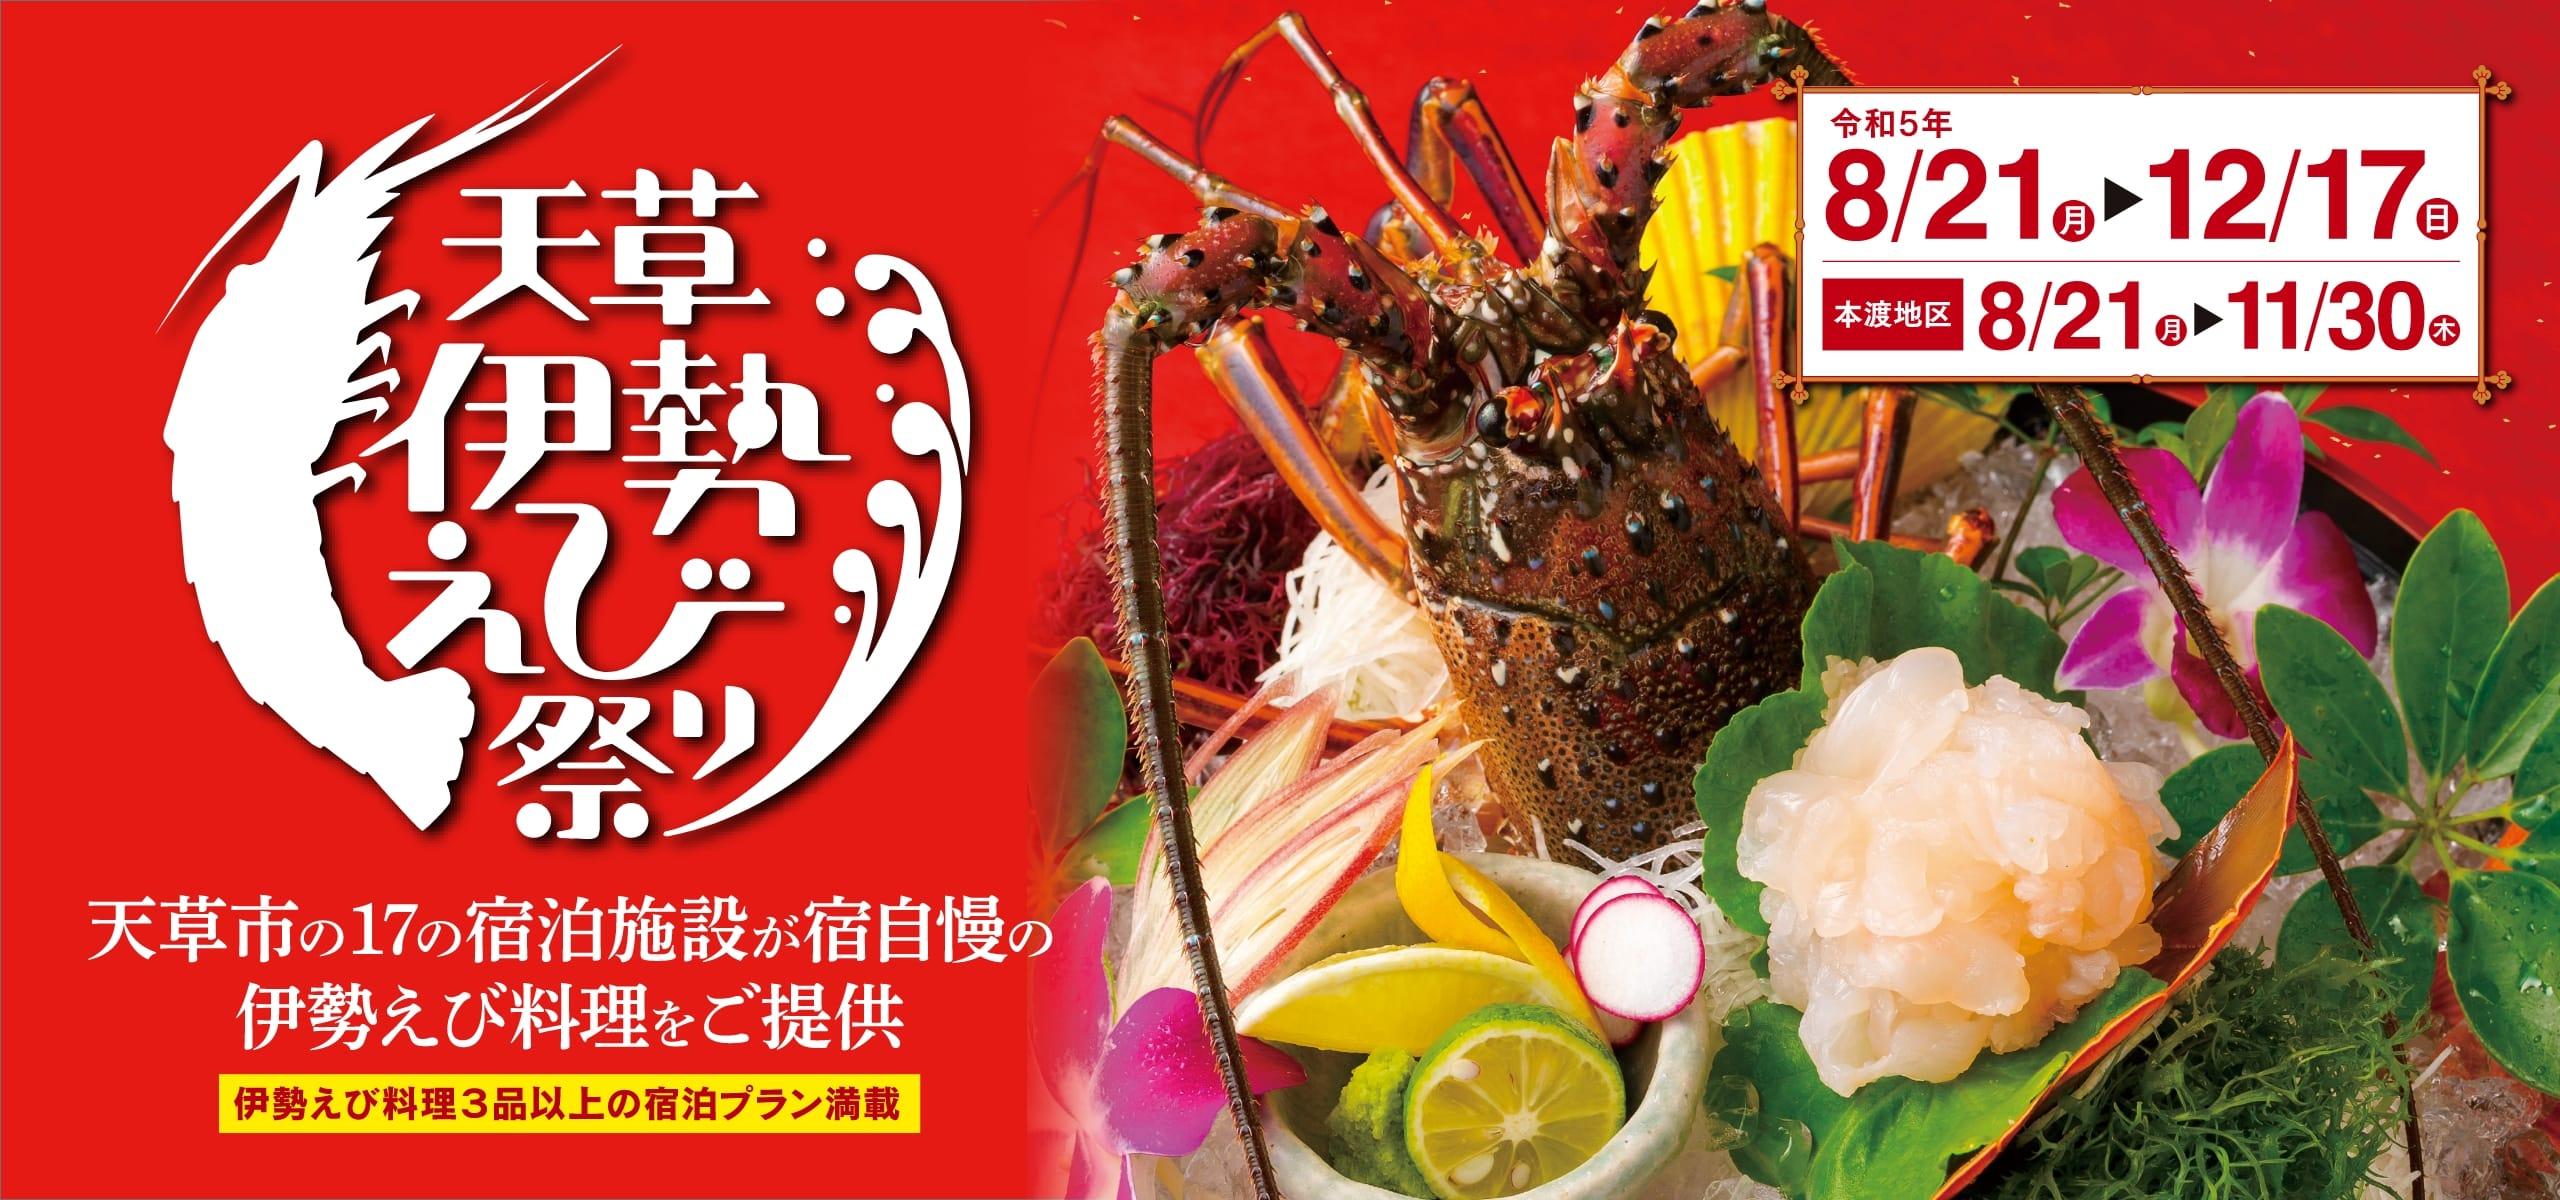 令和2年8月21日(金)〜12月29日(火) 伊勢えび料理3品以上の宿泊プラン満載!!